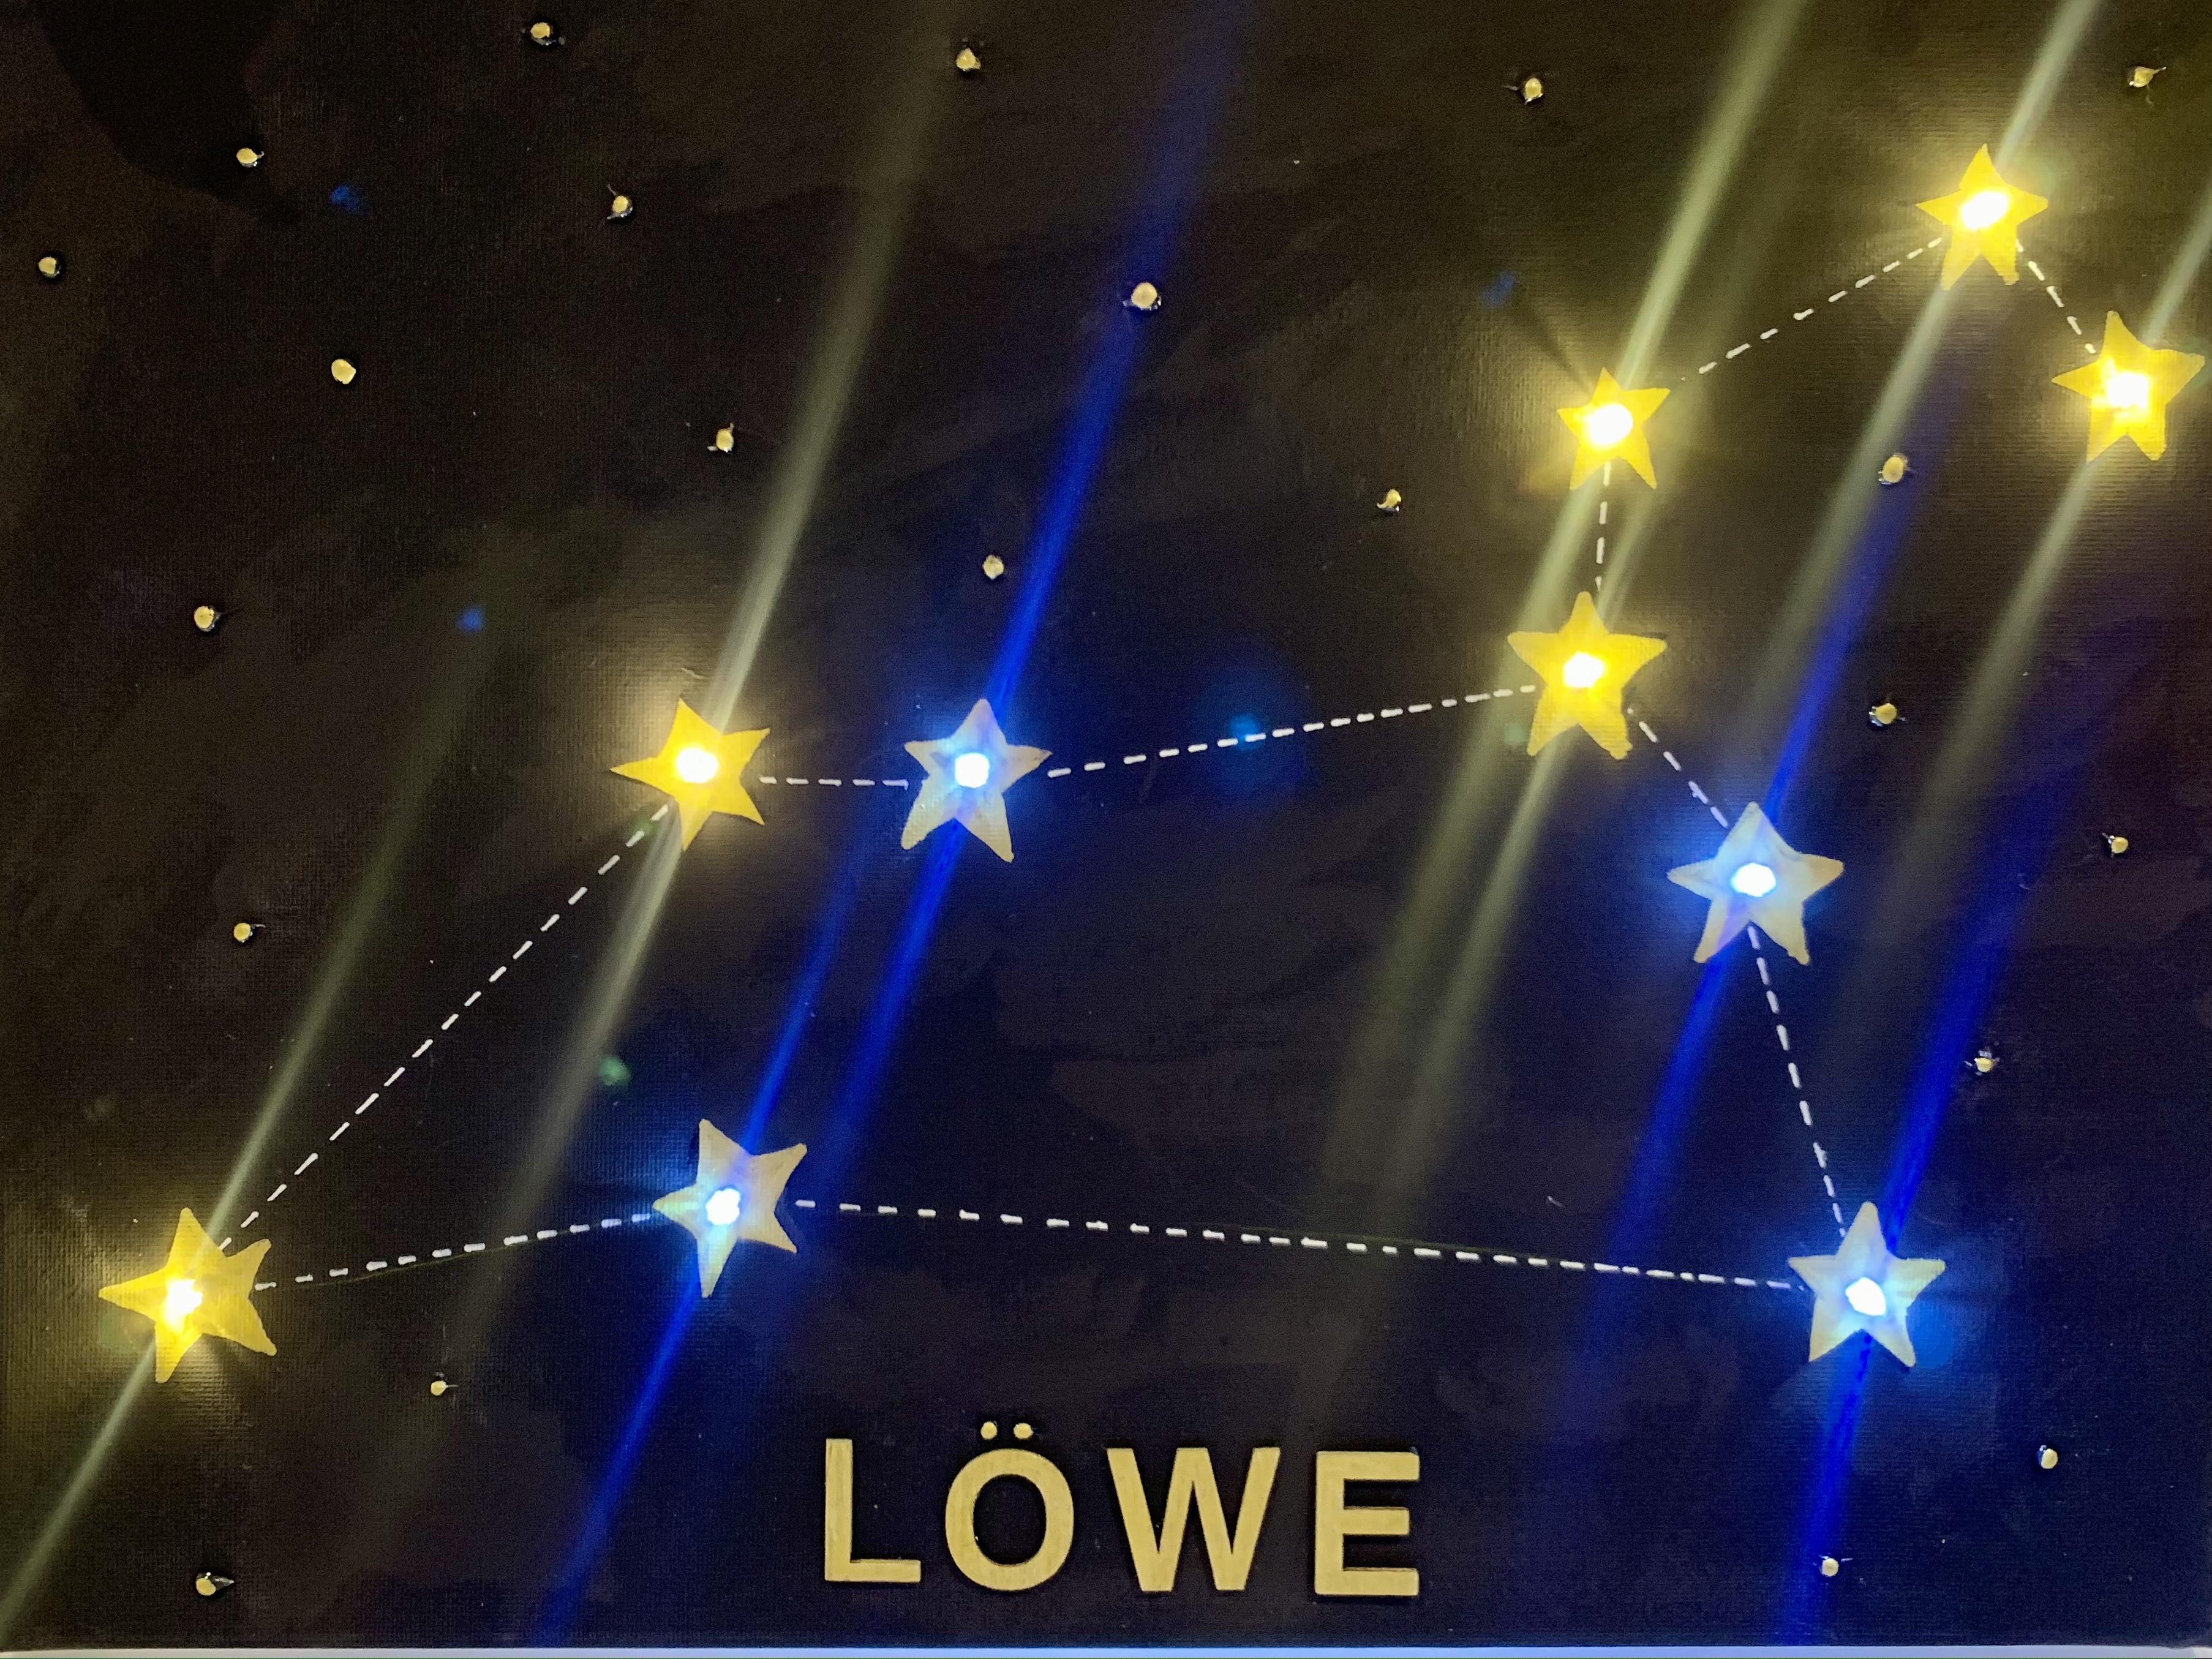 Sternzeichen beleuchtet